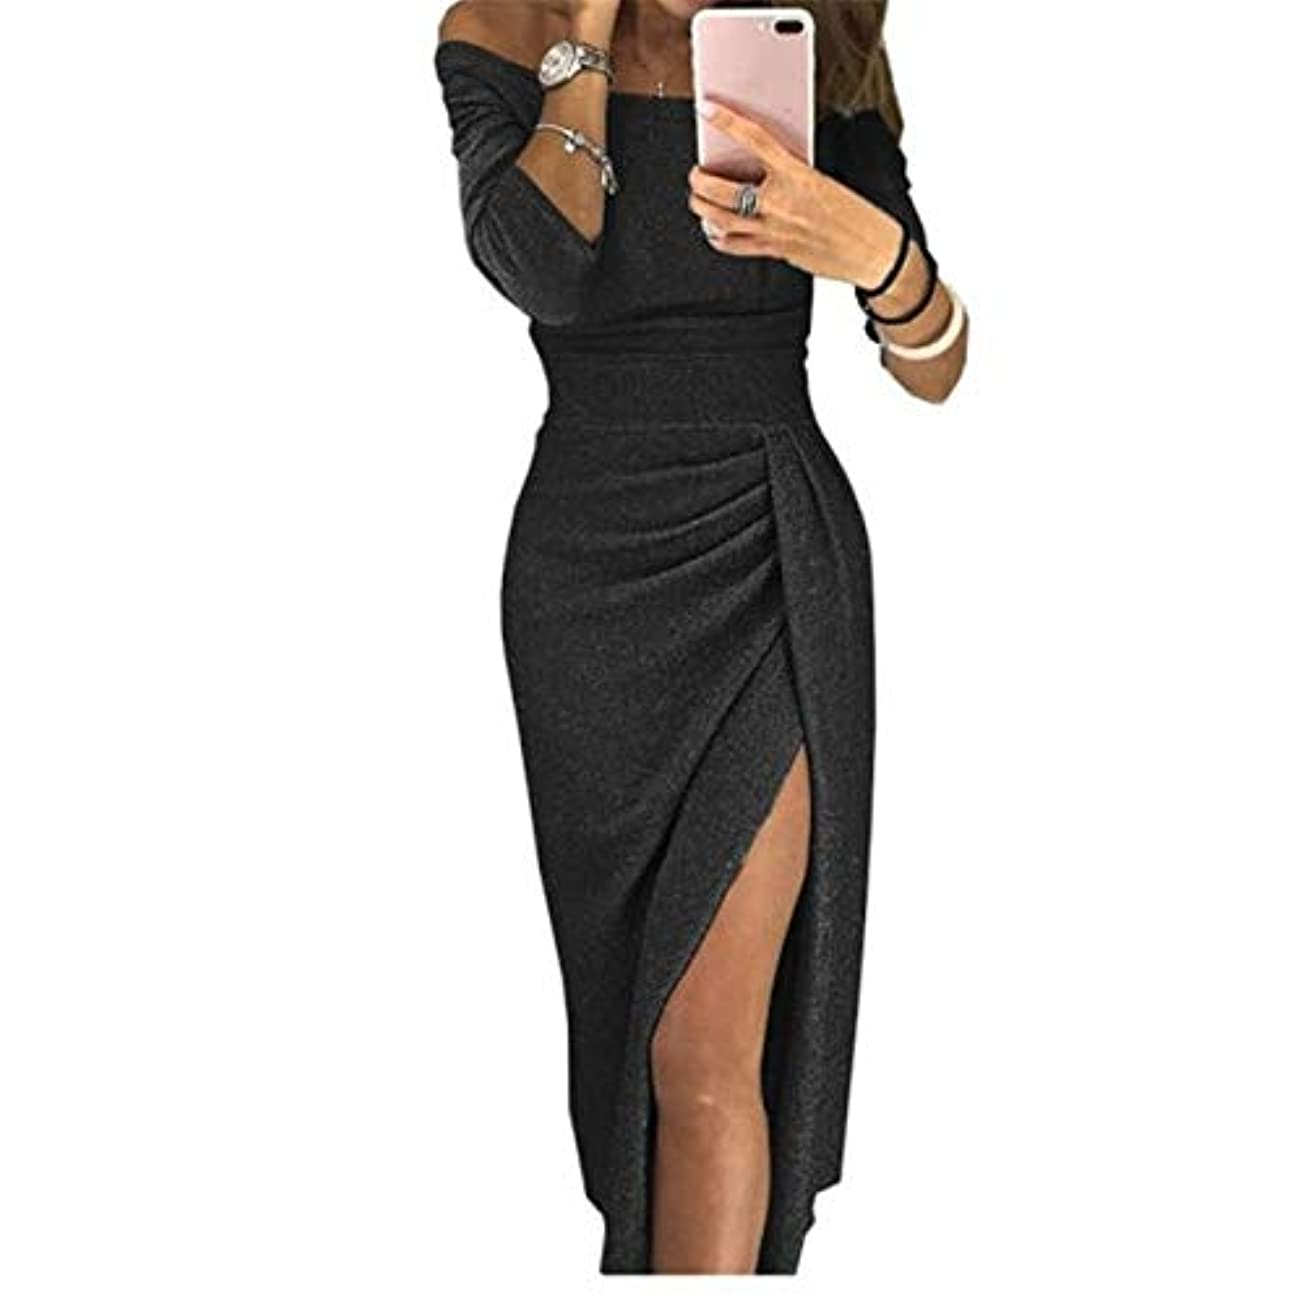 バリーバイアスチャーミングOnderroa - 夏の女性のドレスはネックパッケージヒップスプリットセクシーなスパンコールのドレスレディース包帯パーティーナイトクラブミッドカーフ服装スラッシュ